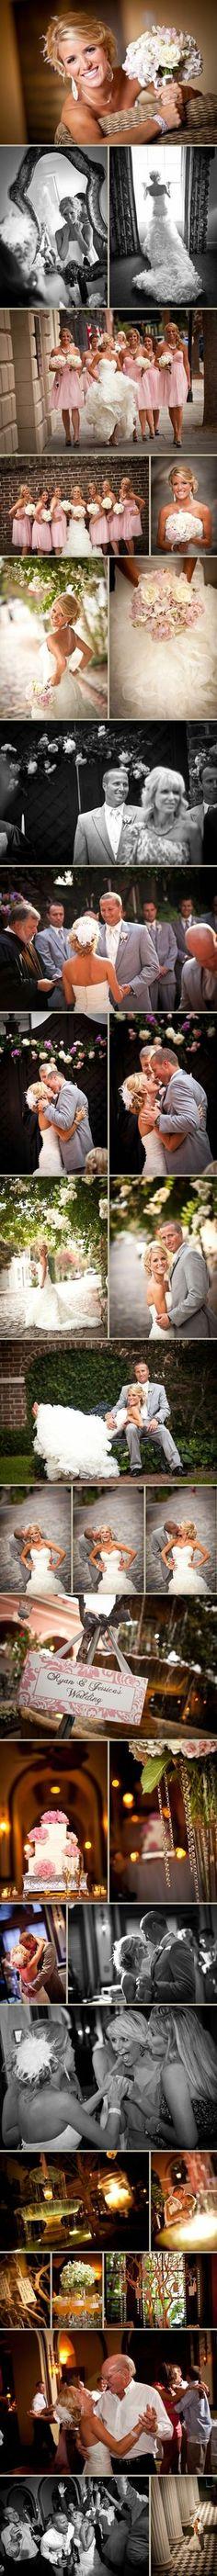 Me encanta su aroma! @ @ Pines día de la boda: ¿Usted es fuente # 1 para los pernos de la boda Pines día de la boda: ¡Eres fuente # 1 para los pernos de la boda!